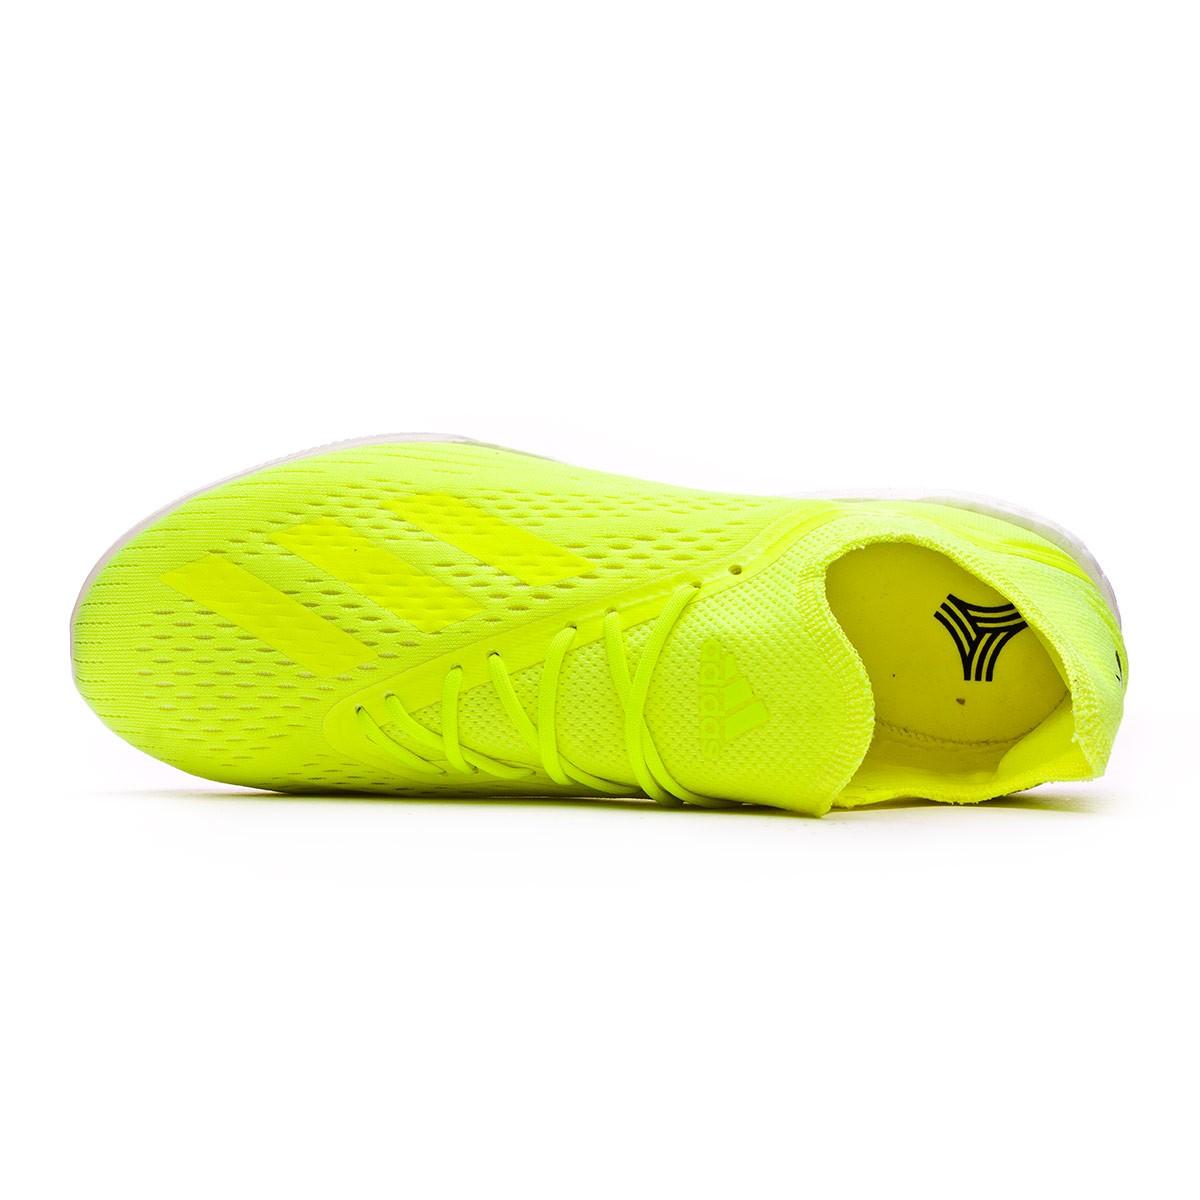 Zapatilla X Tango 18.1 TR Solar yellow Core black Core black